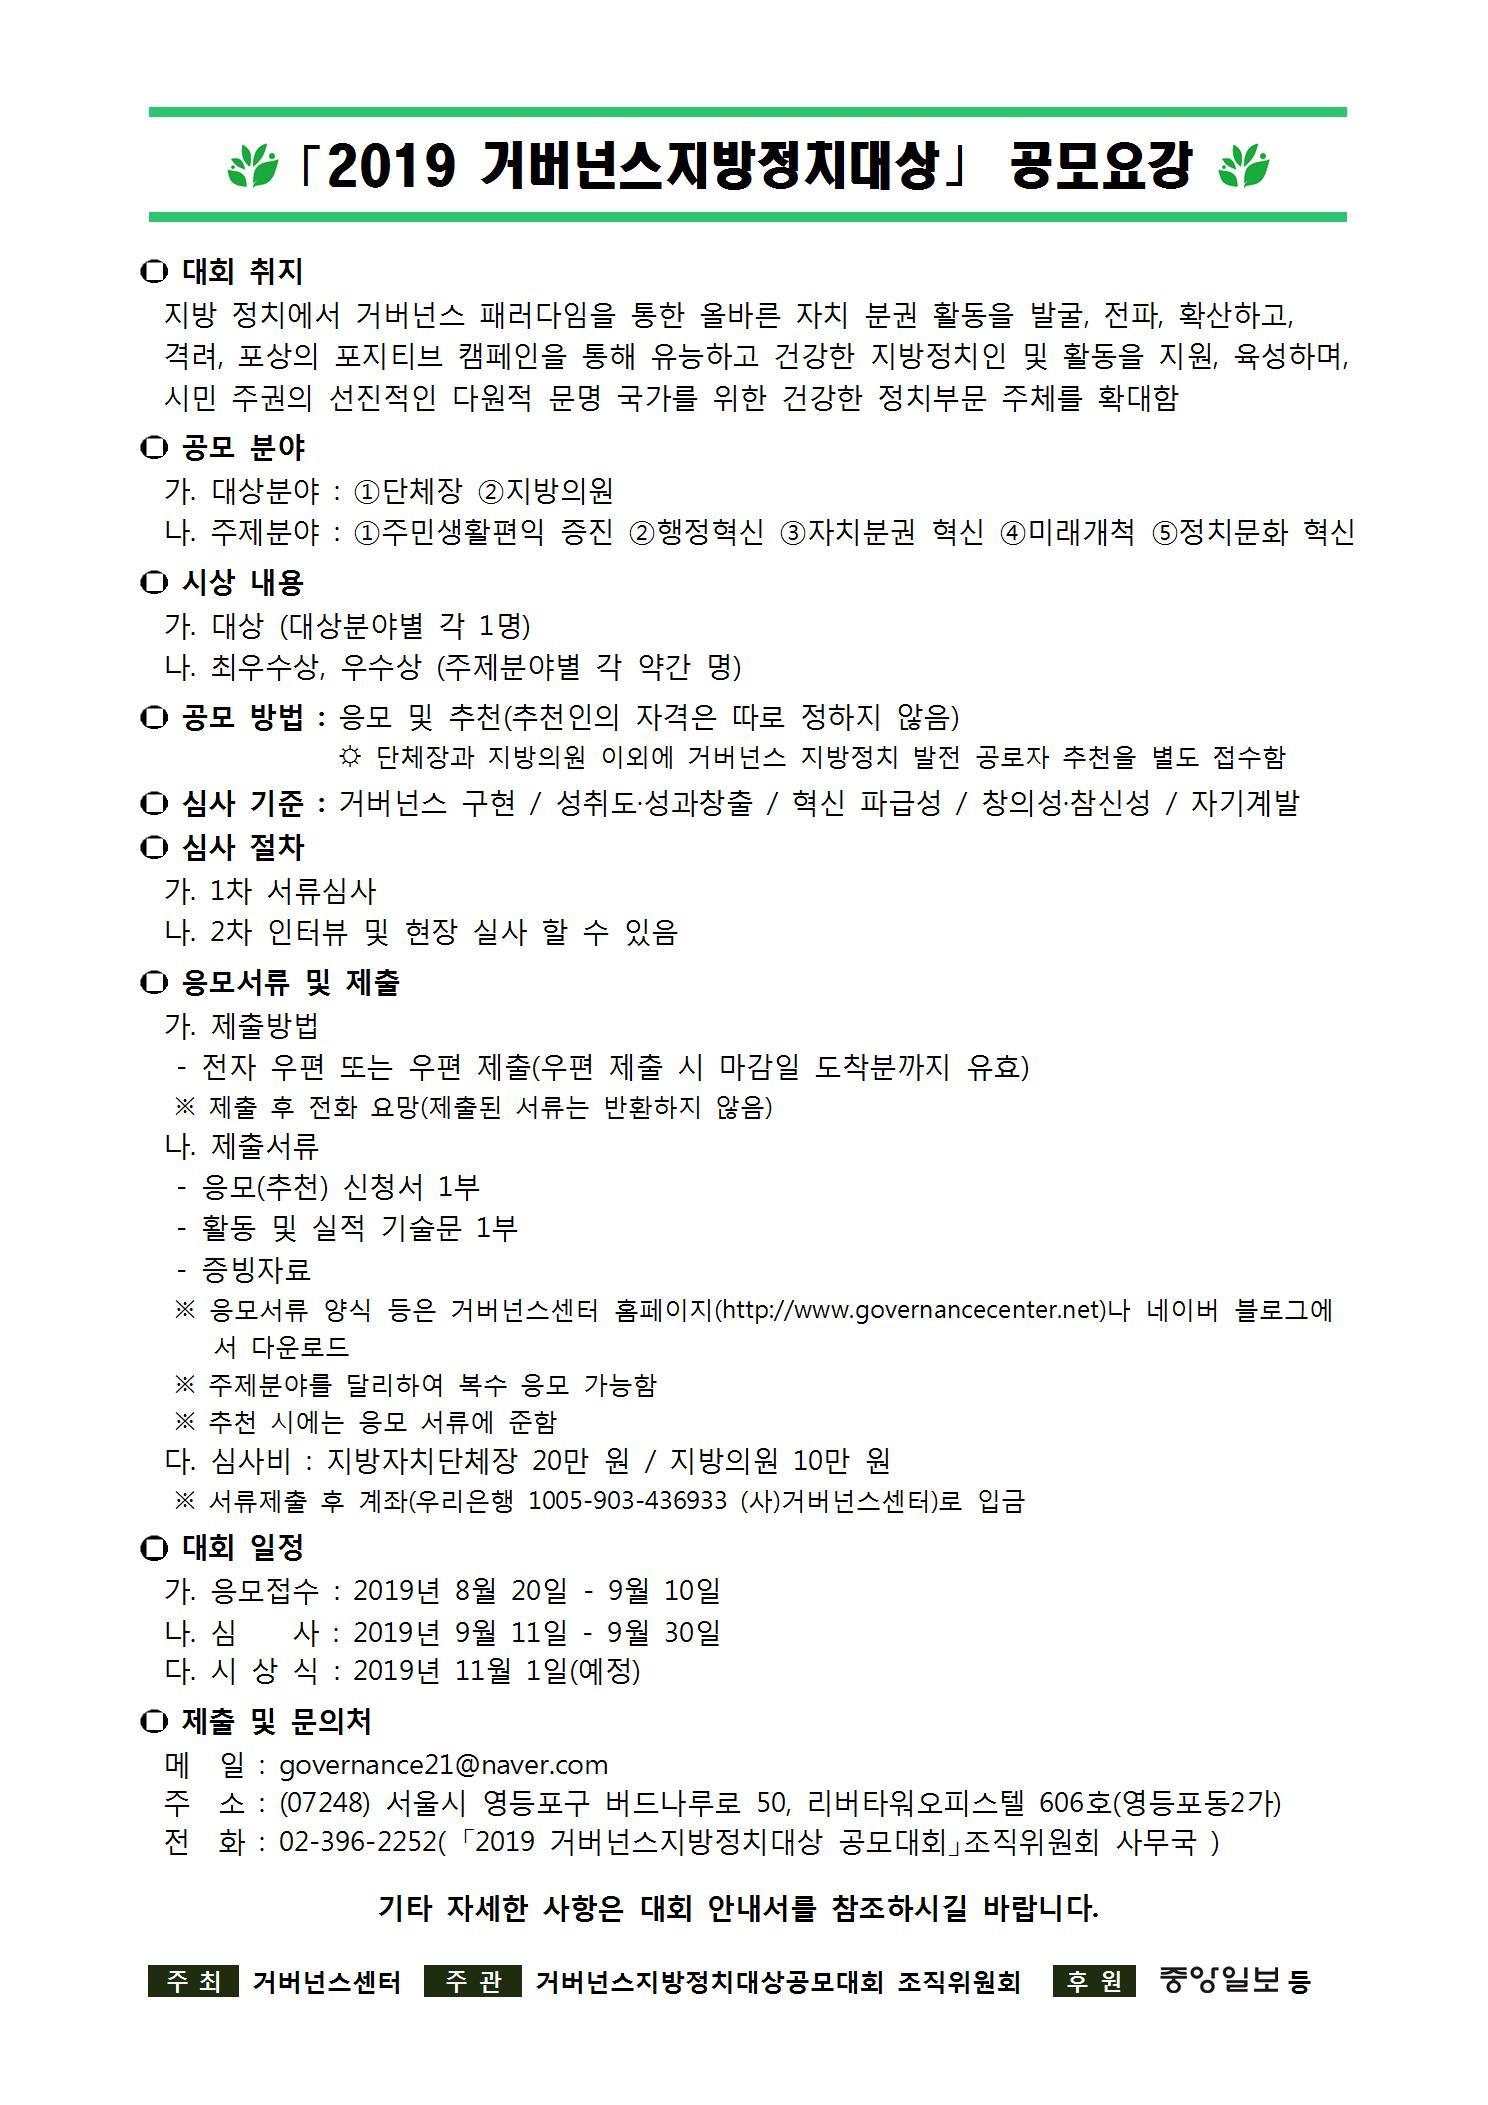 2019_거버넌스지방정치대상_공모요강001.jpg